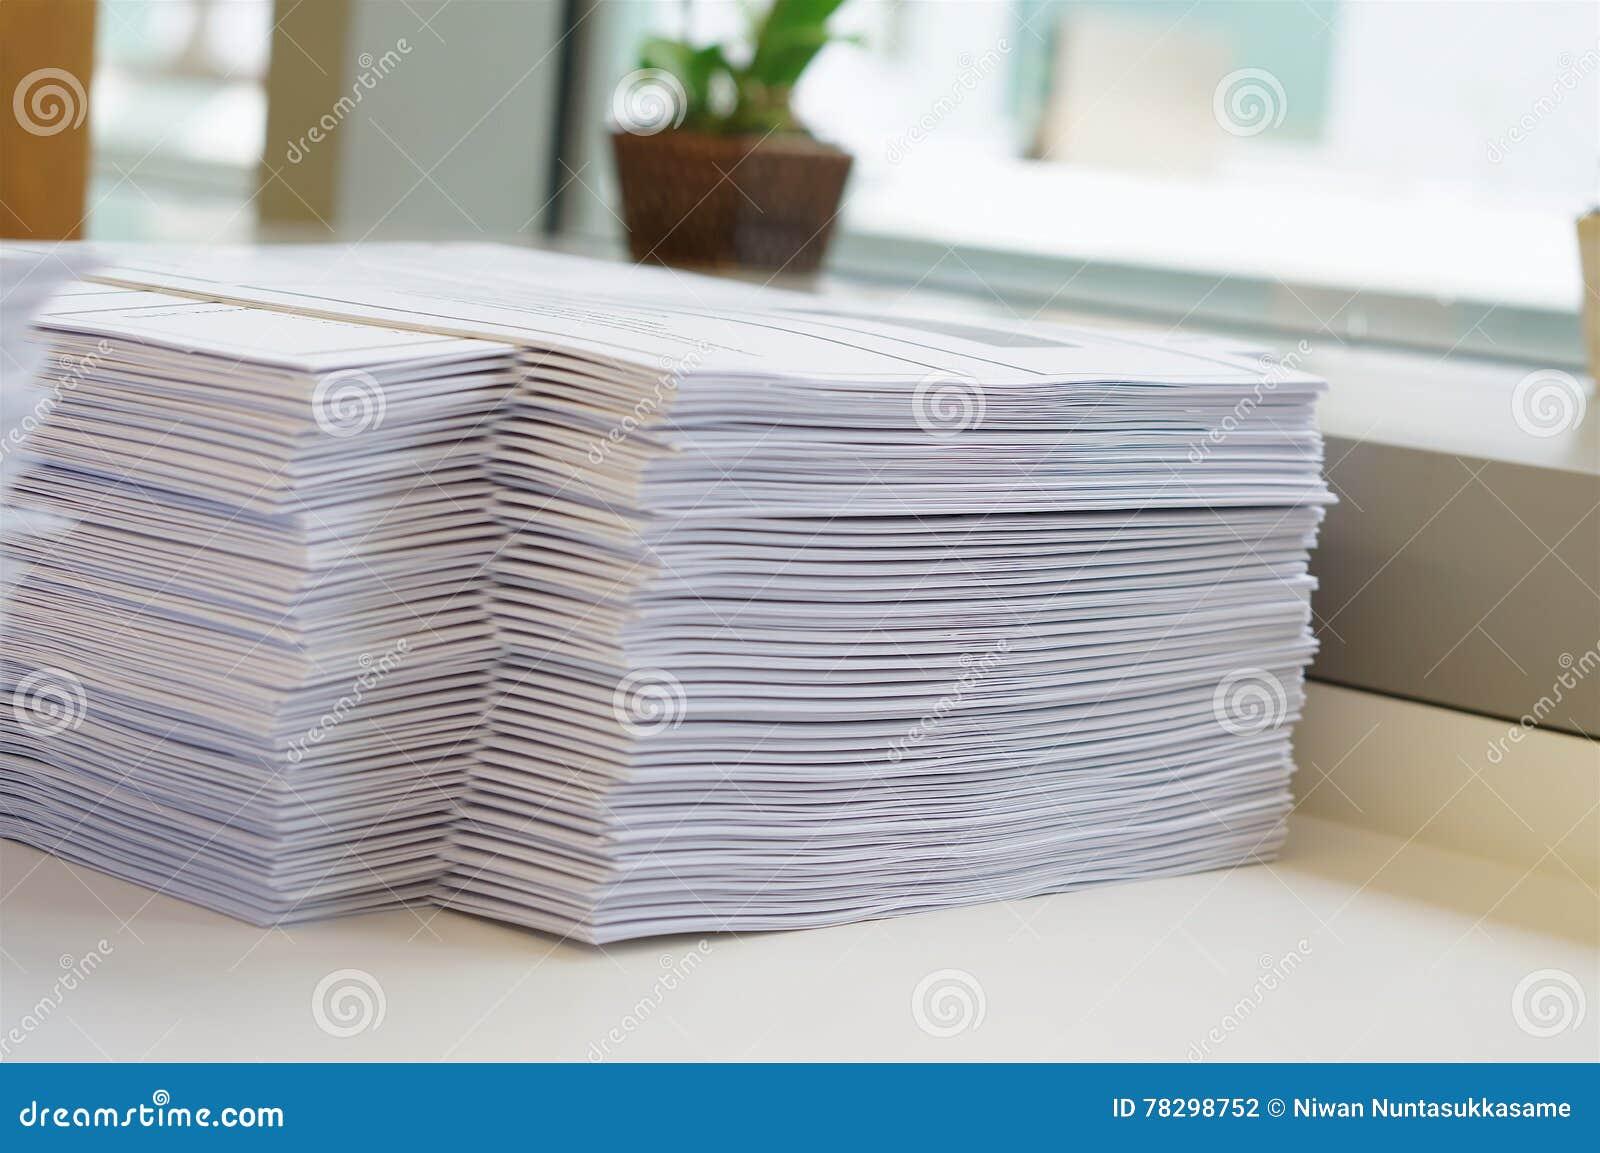 Stapel van documenten aantekenvel dichtbij venster